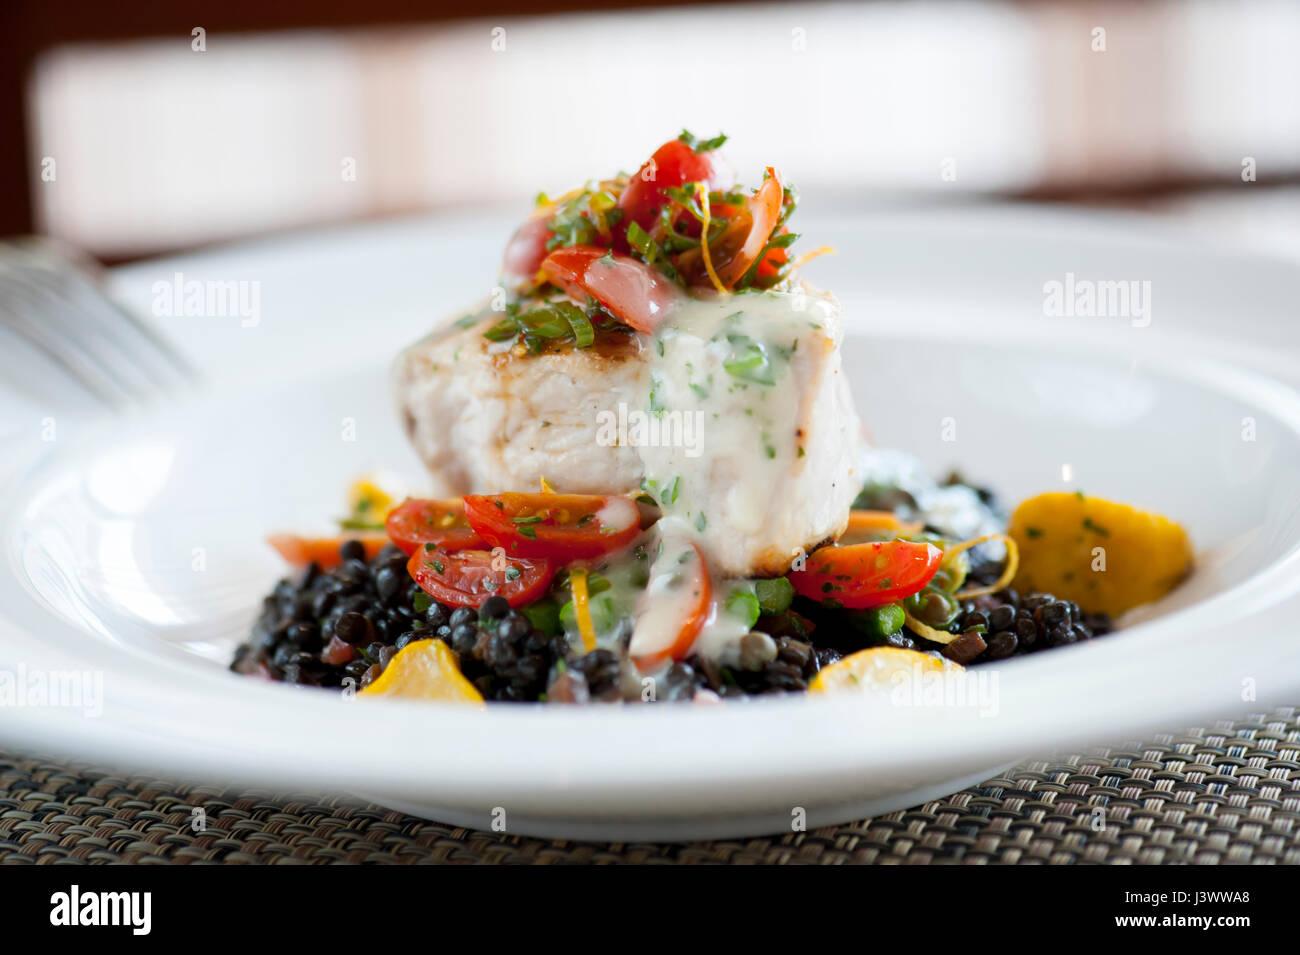 USA il cibo di pesce spada bistecca su un letto di lenticchie al waypoint di pesce e Grill Williamsburg Virginia Immagini Stock